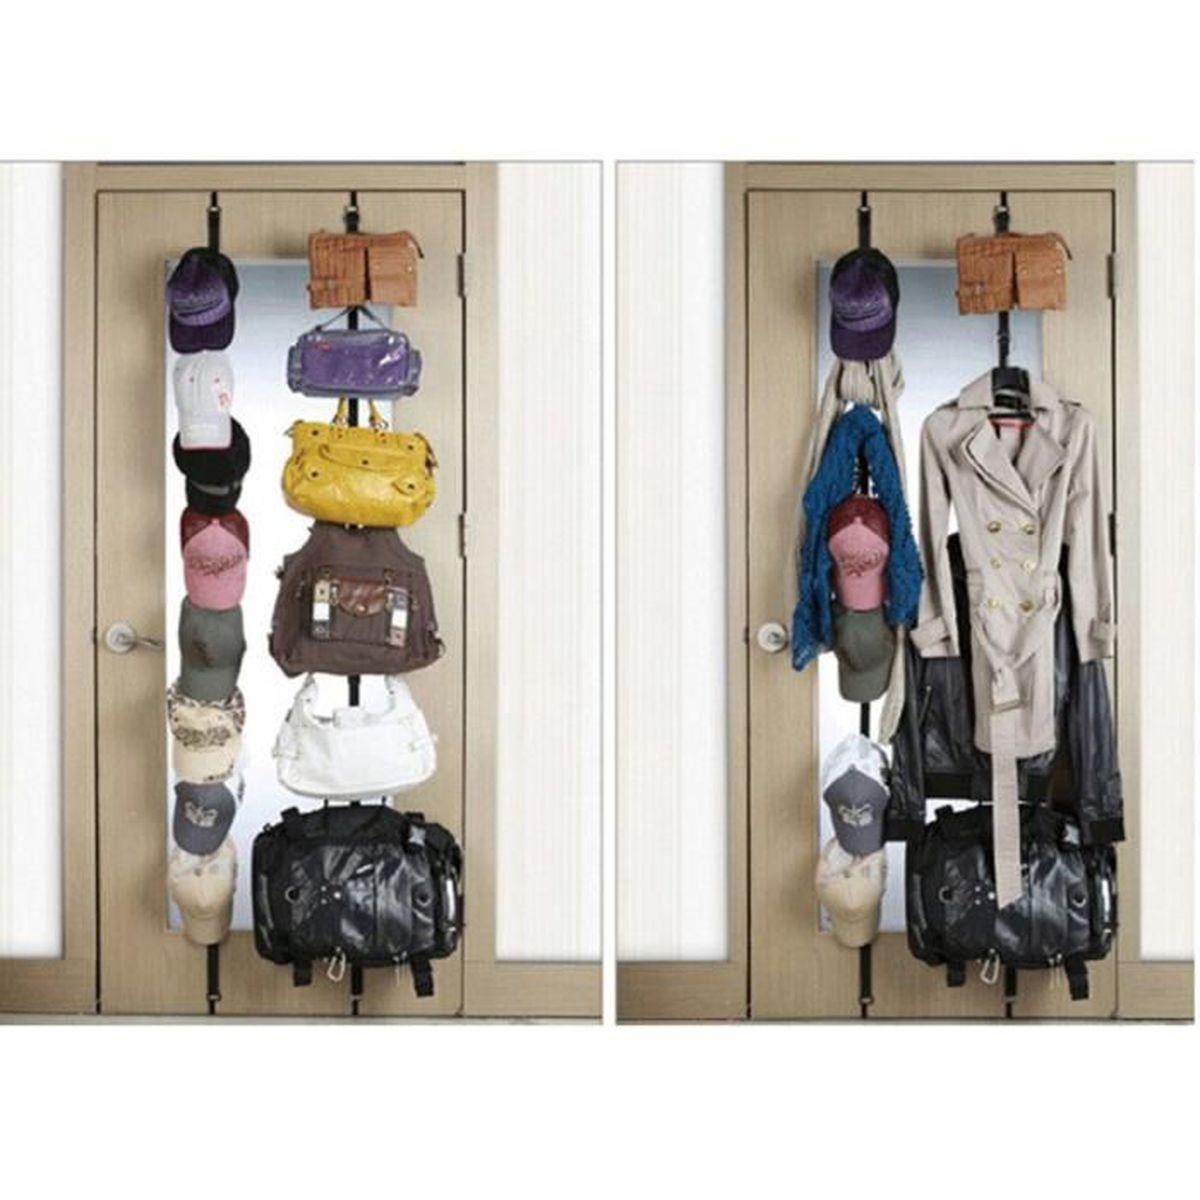 armoire porte manteau achat vente armoire porte manteau pas cher les soldes sur cdiscount. Black Bedroom Furniture Sets. Home Design Ideas